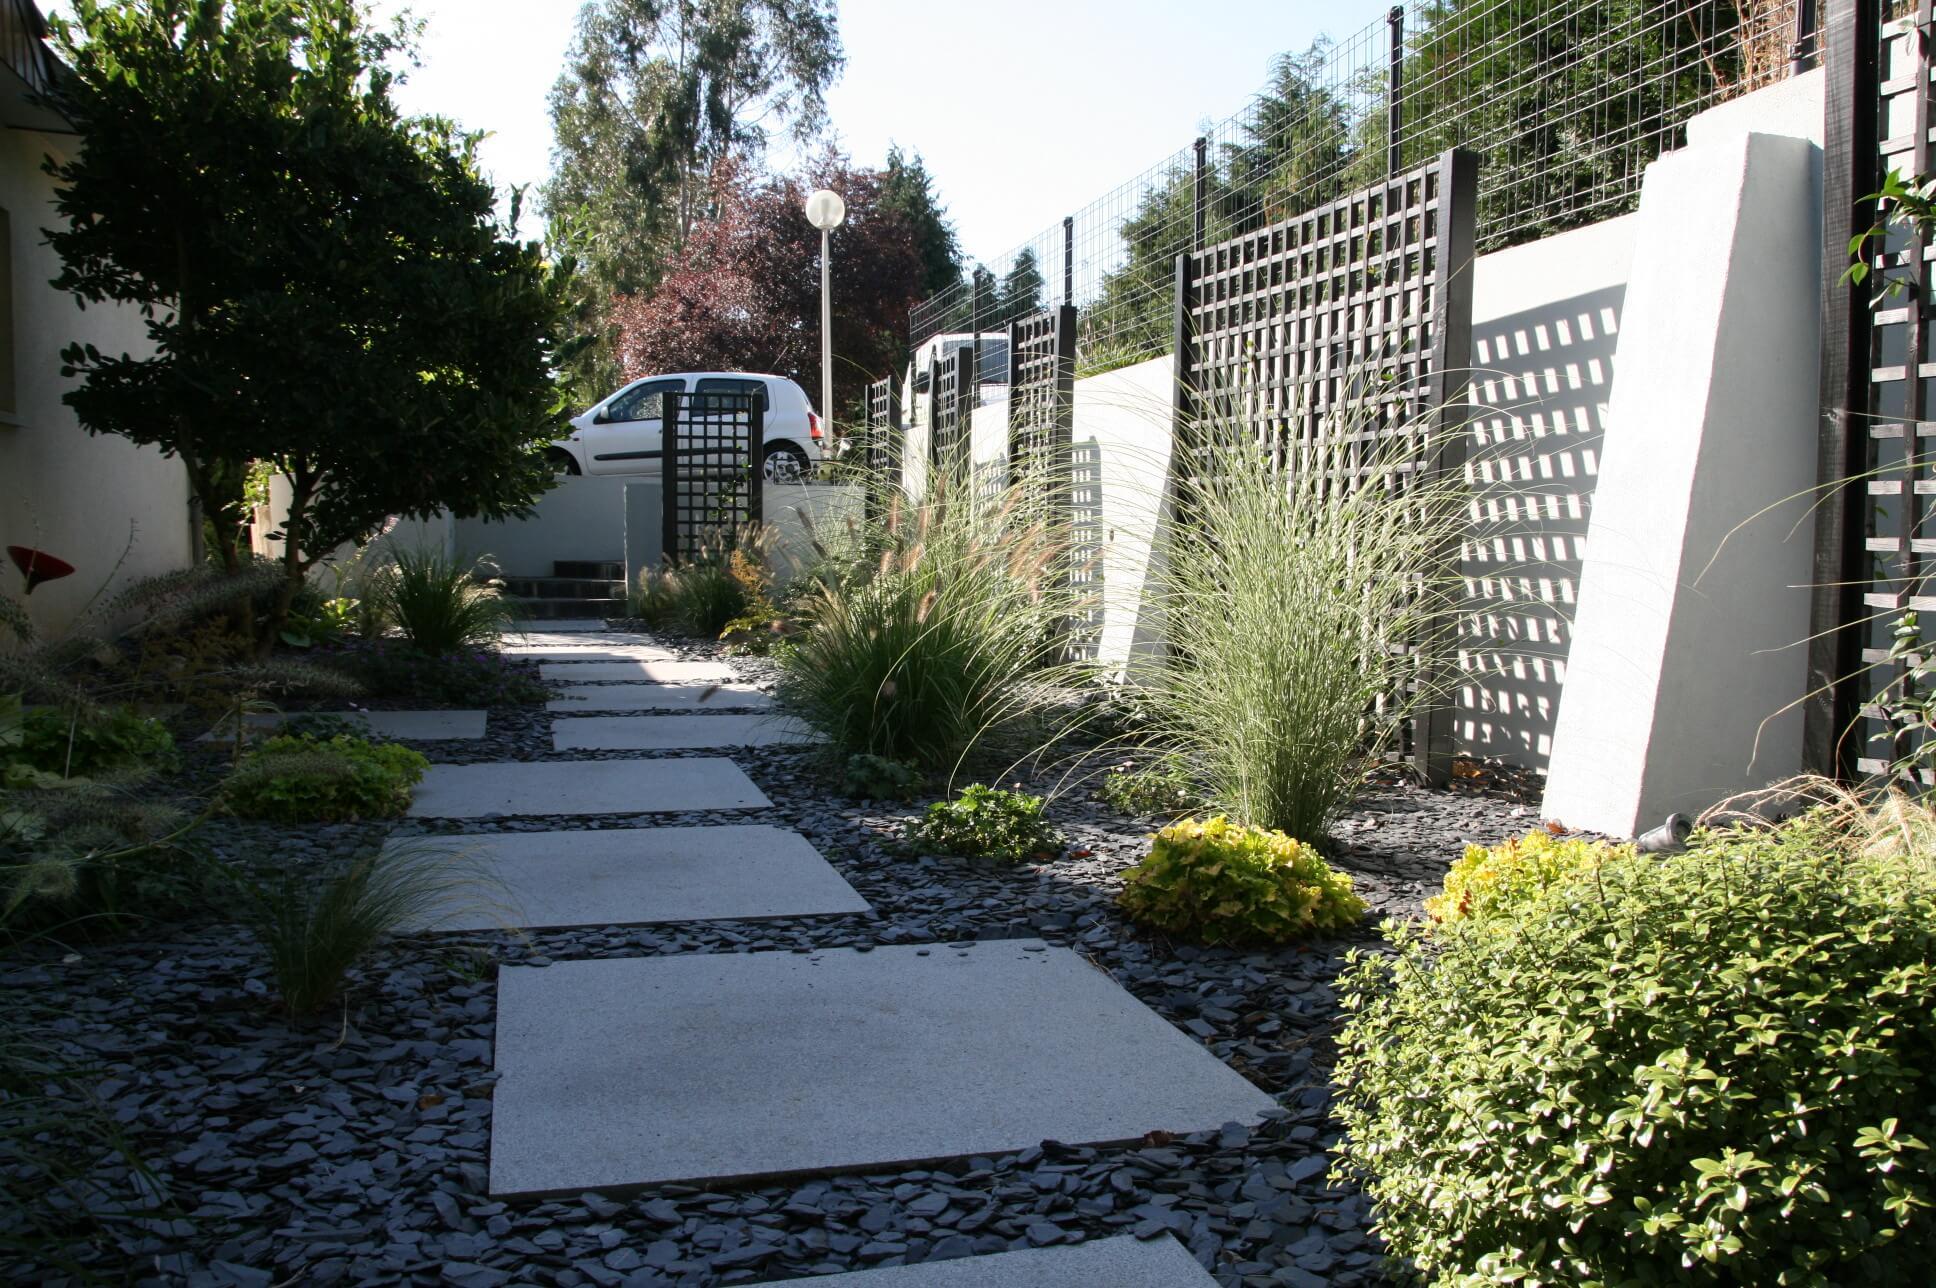 L'allée de jardin et le mur après les travaux paysagers.